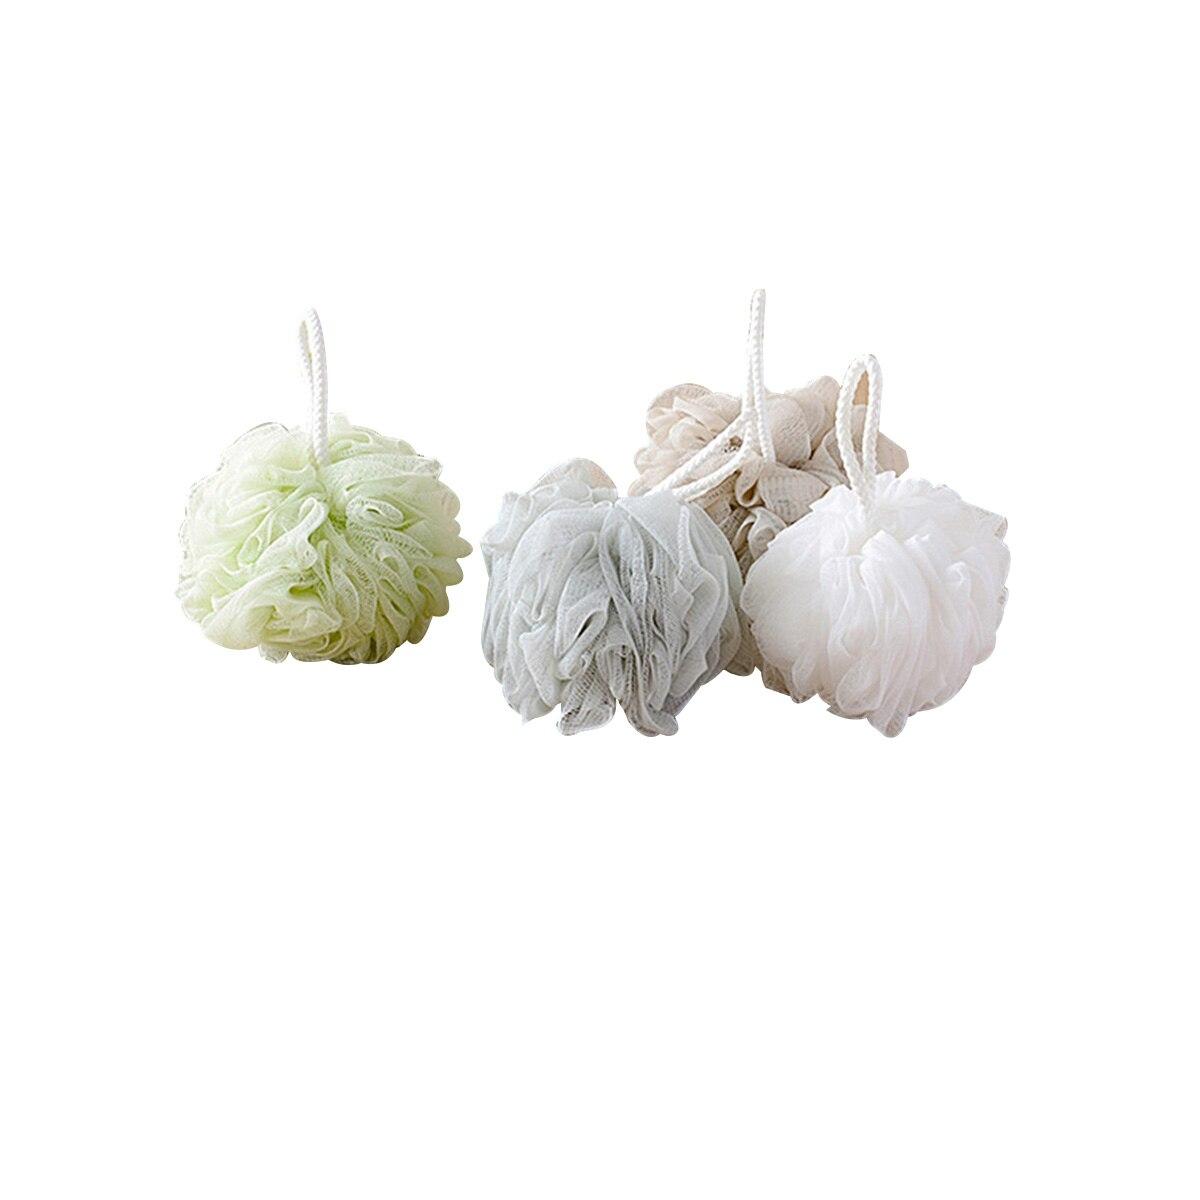 Gelegentliche Farbe Bad Schwamm Massage Multi Dusche Peeling Körper Reinigung Wäscher Reinigung Peeling Dusche Ball Hautpflege Puff Bad & Dusche